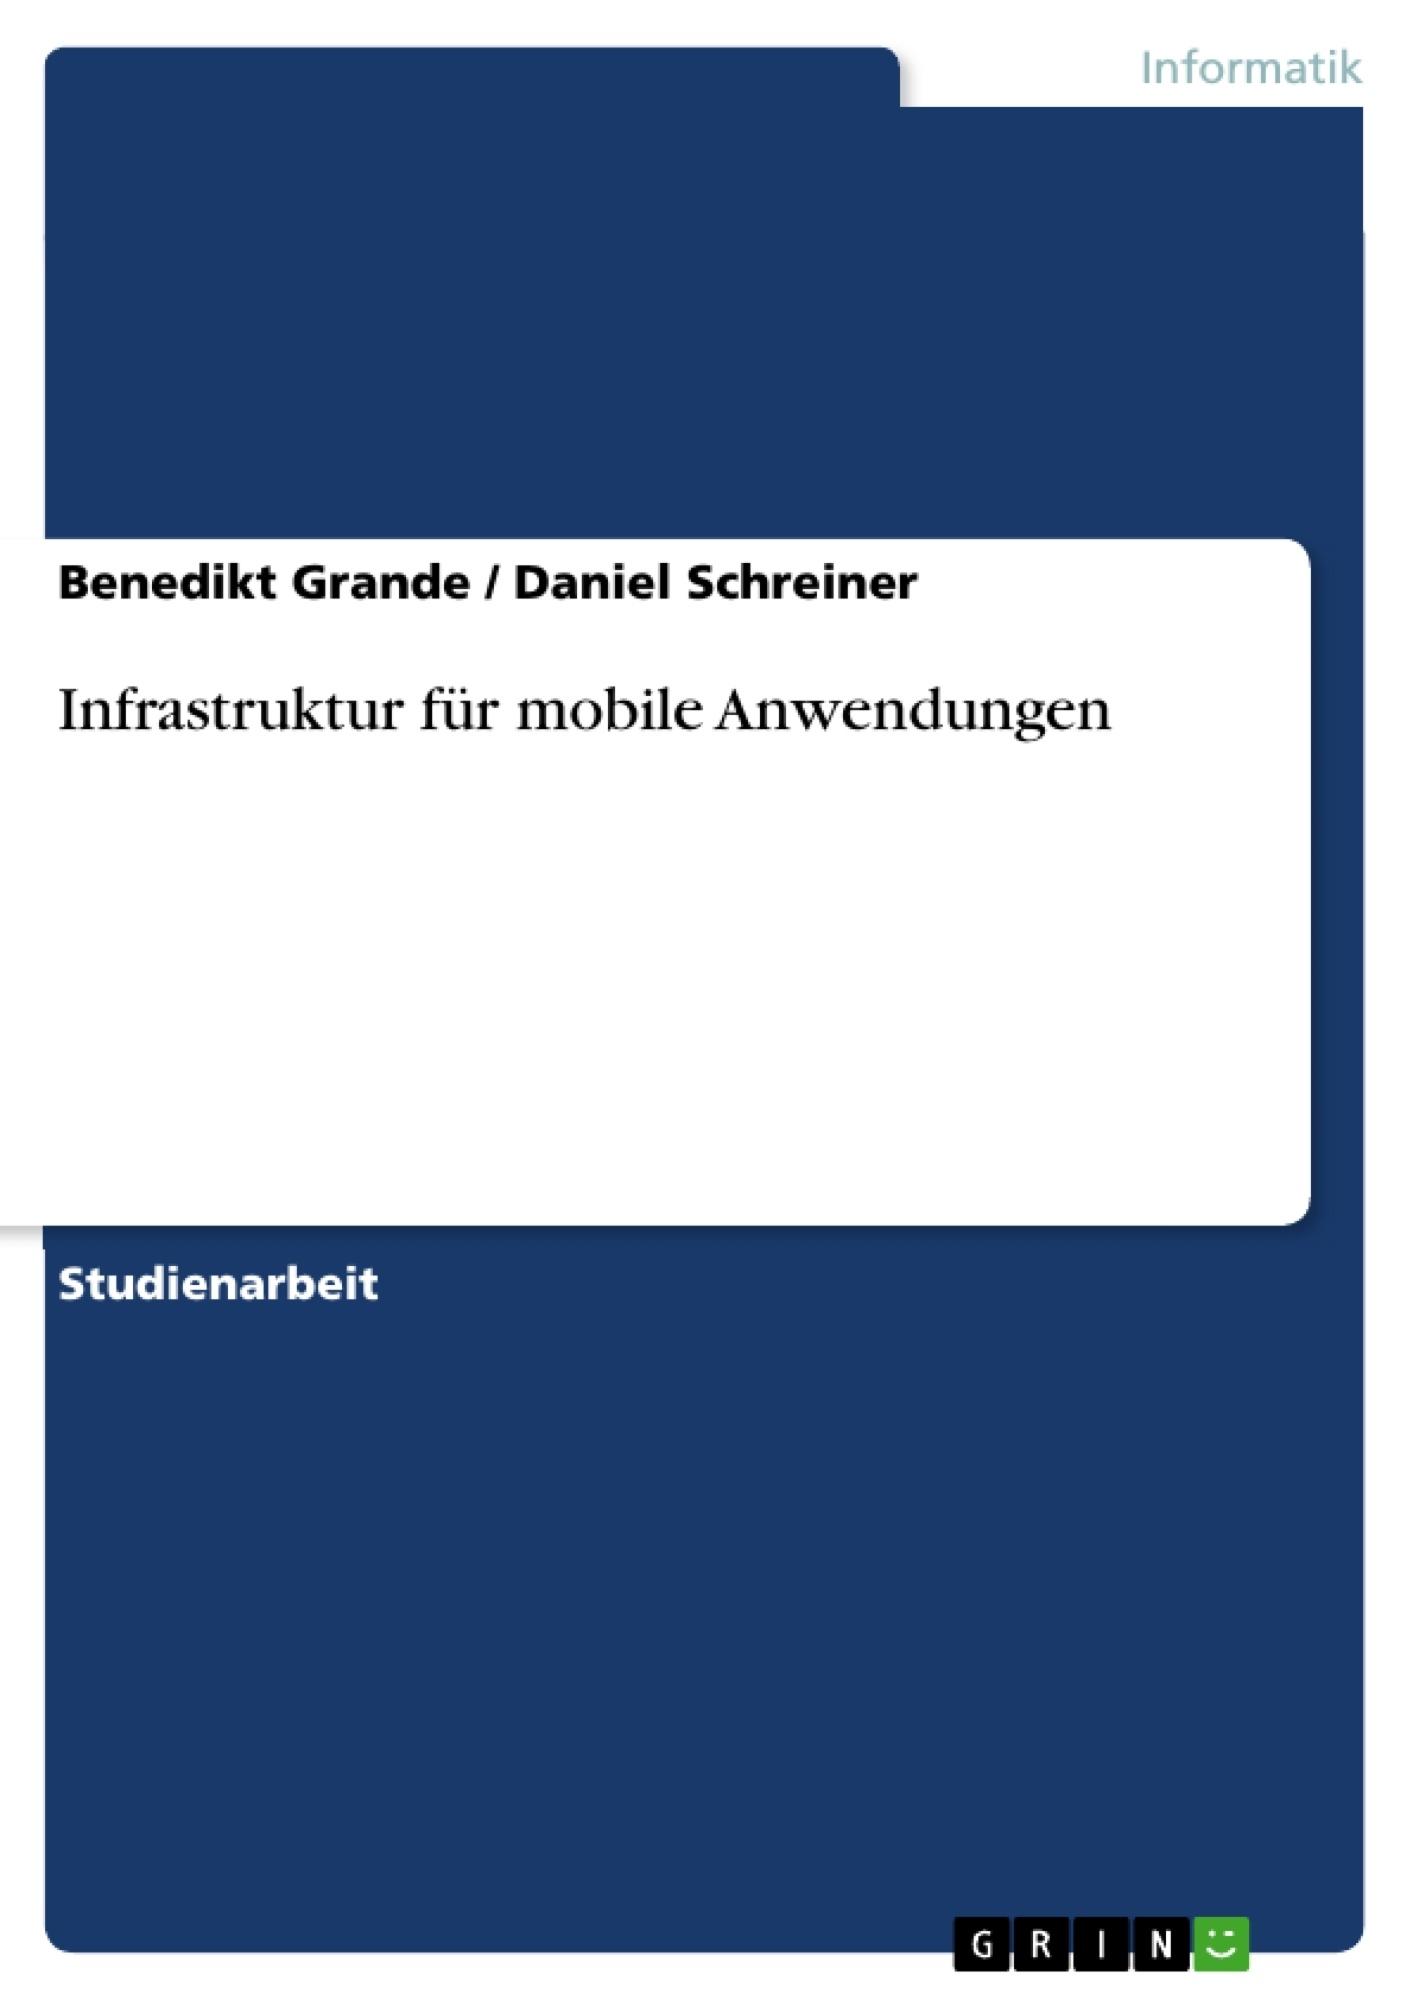 Titel: Infrastruktur für mobile Anwendungen